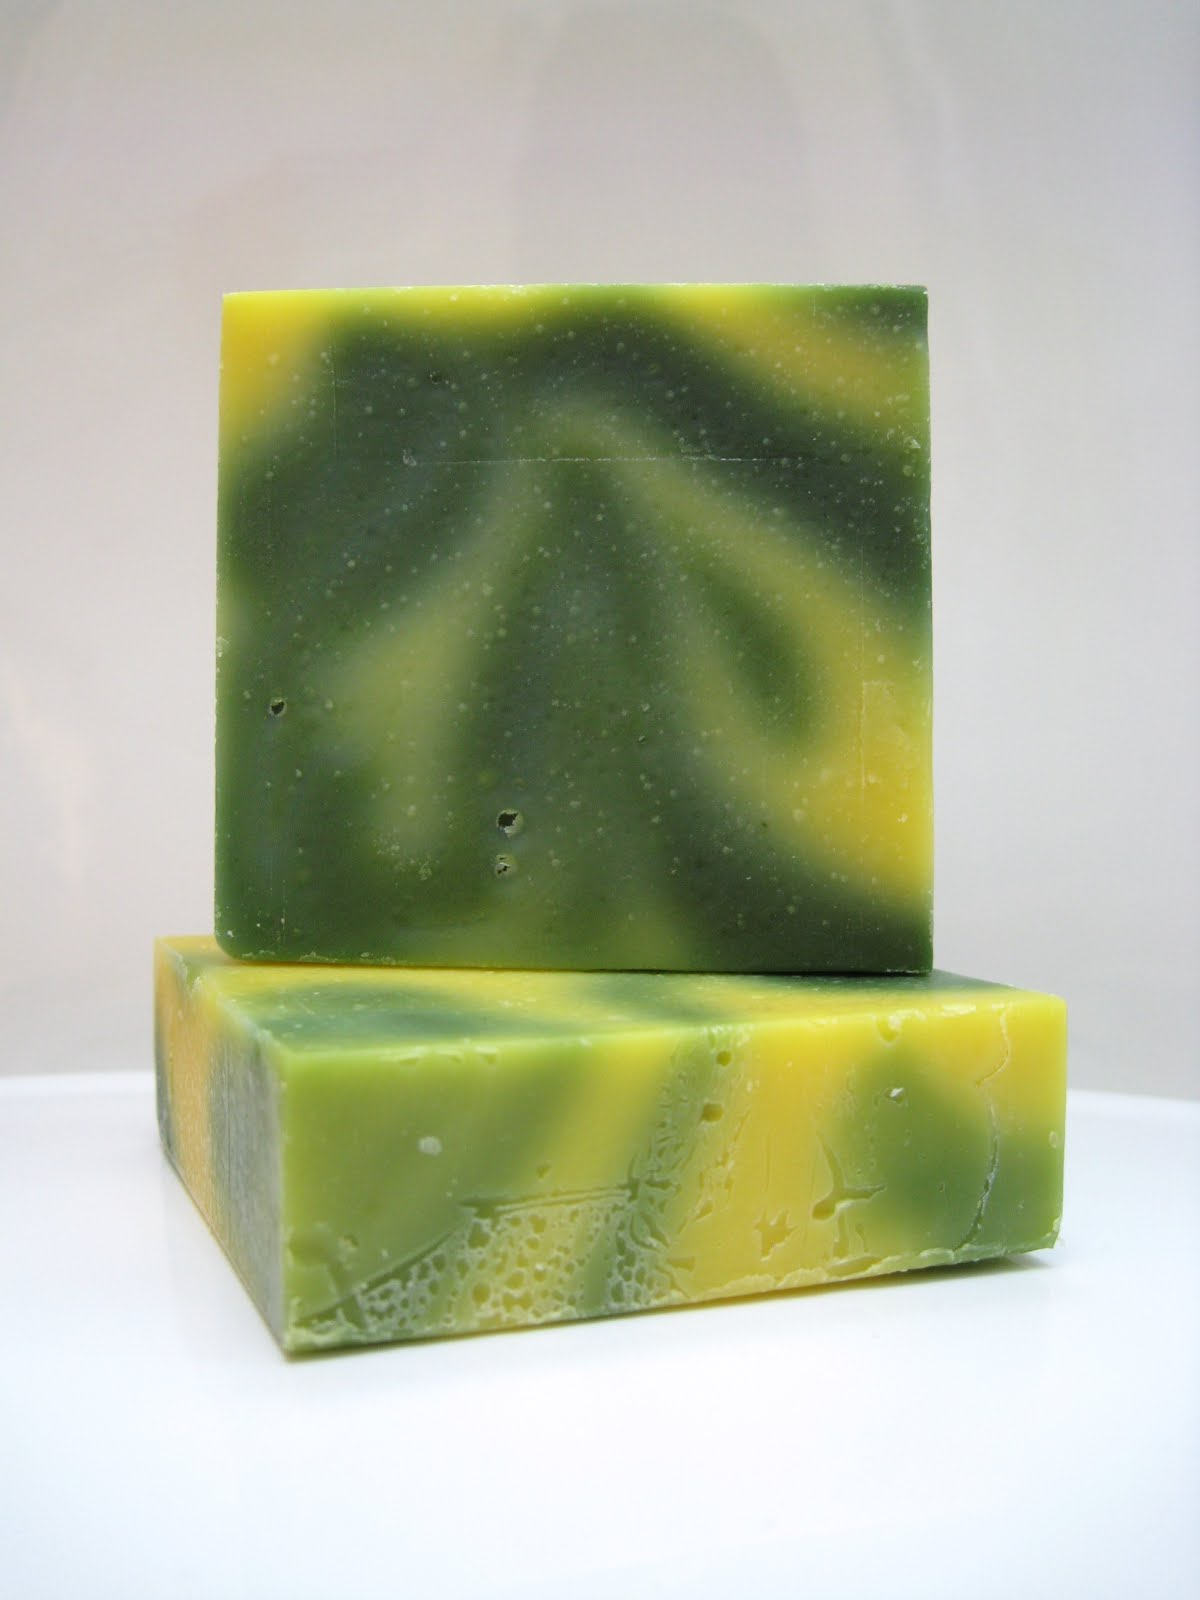 Как сделать оливковое мыло своими руками дома? - SUNMAG